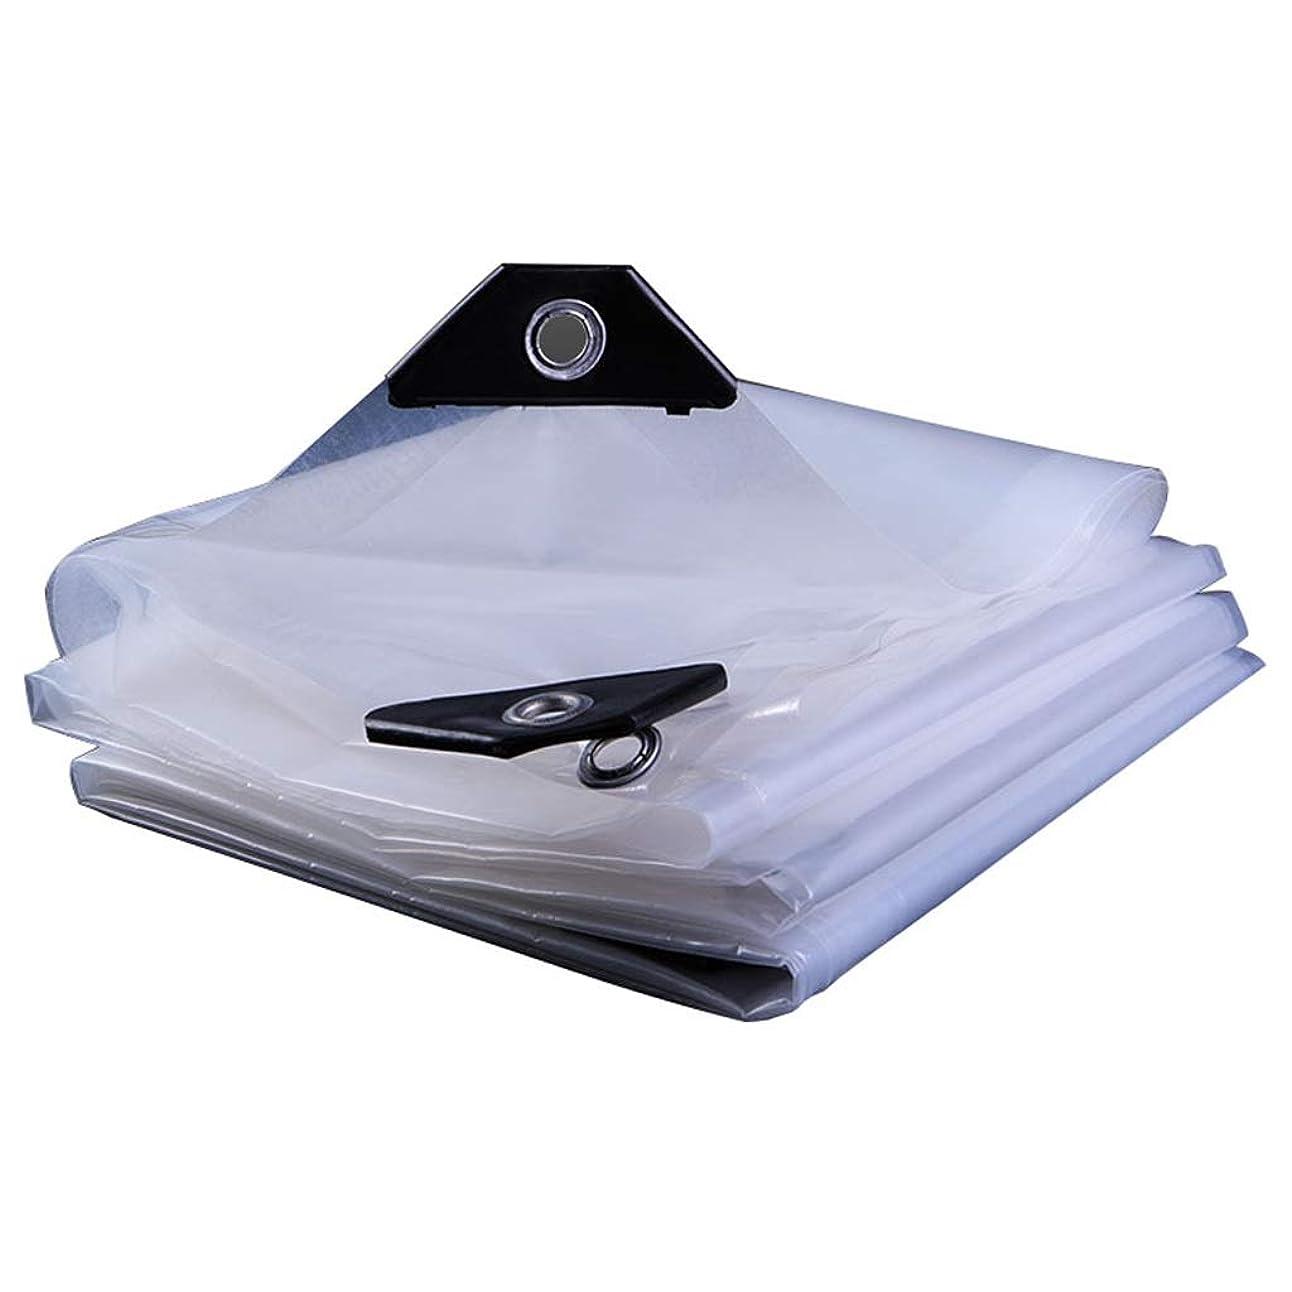 最初は分岐するスーパー透明防水シート アルミニウムグロメットが付いている経済の多防水シートの透明な防水シートのハイキングのバックパッキングのピクニックのための防水多目的のテントカバー ターポリン 庭屋根 保護